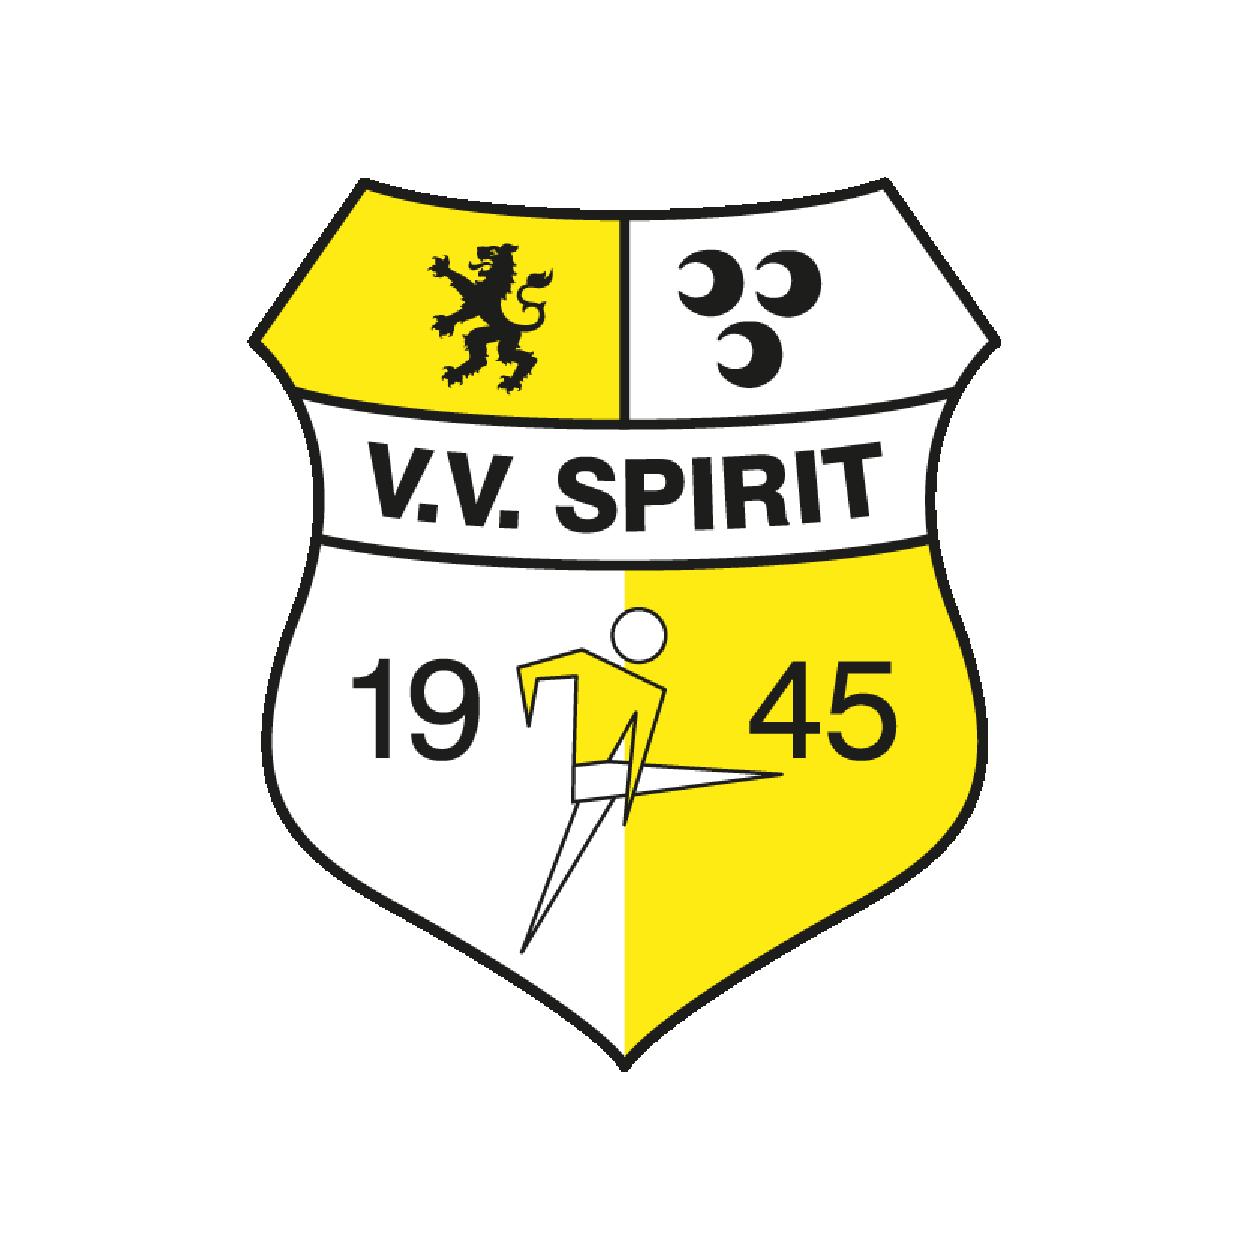 V.V. Spirit